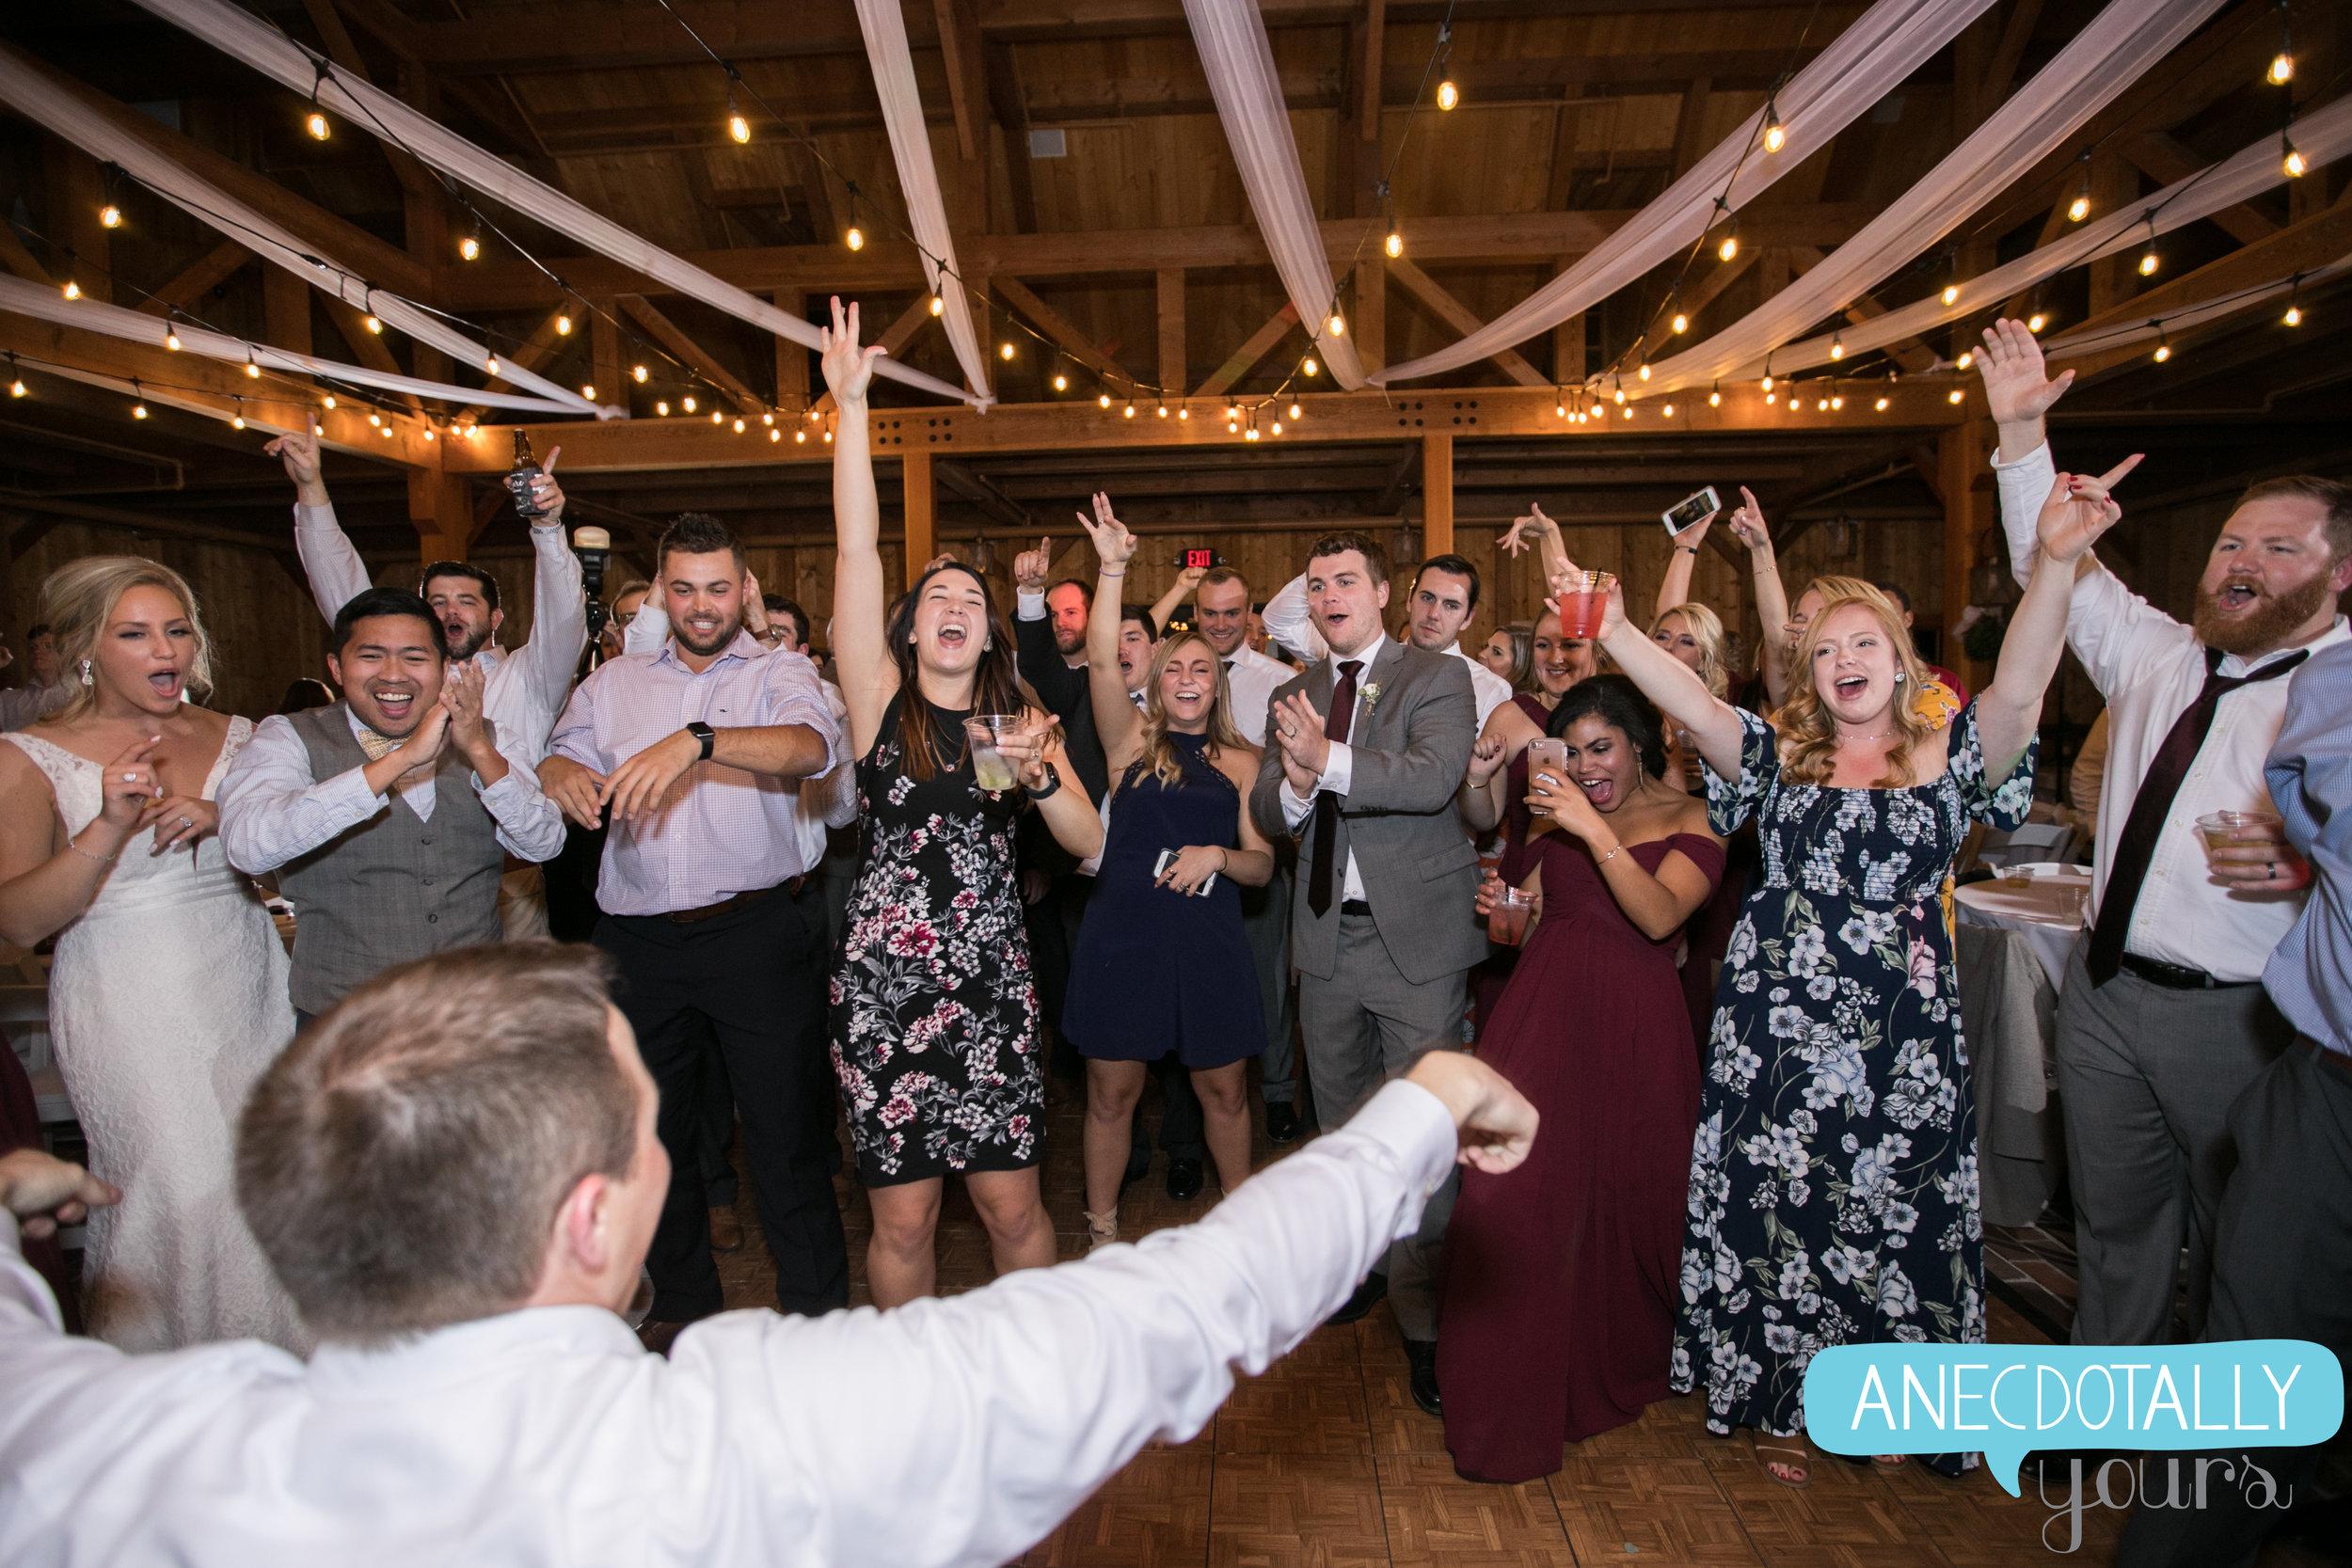 mildale-farm-wedding-179.jpg